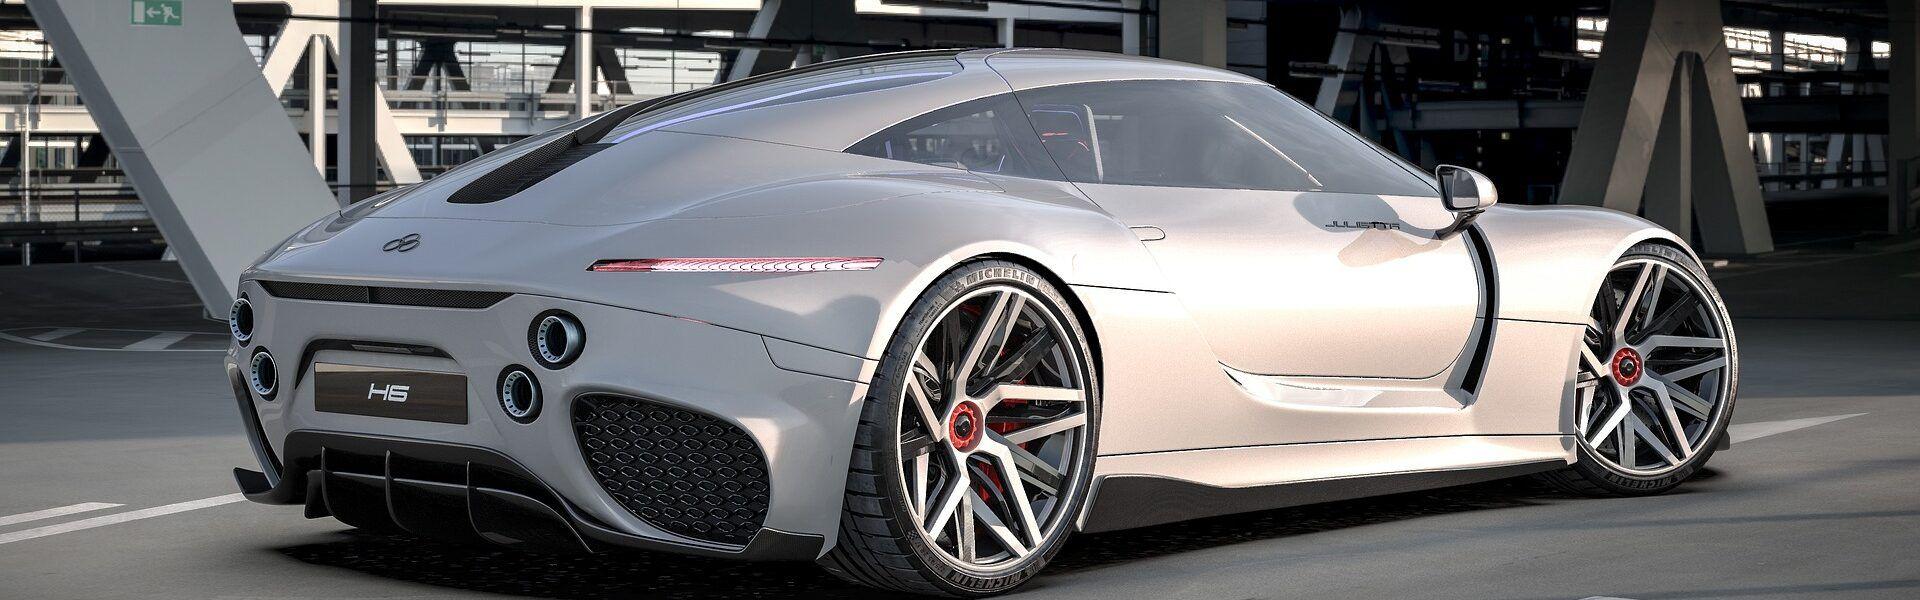 coches-futuro